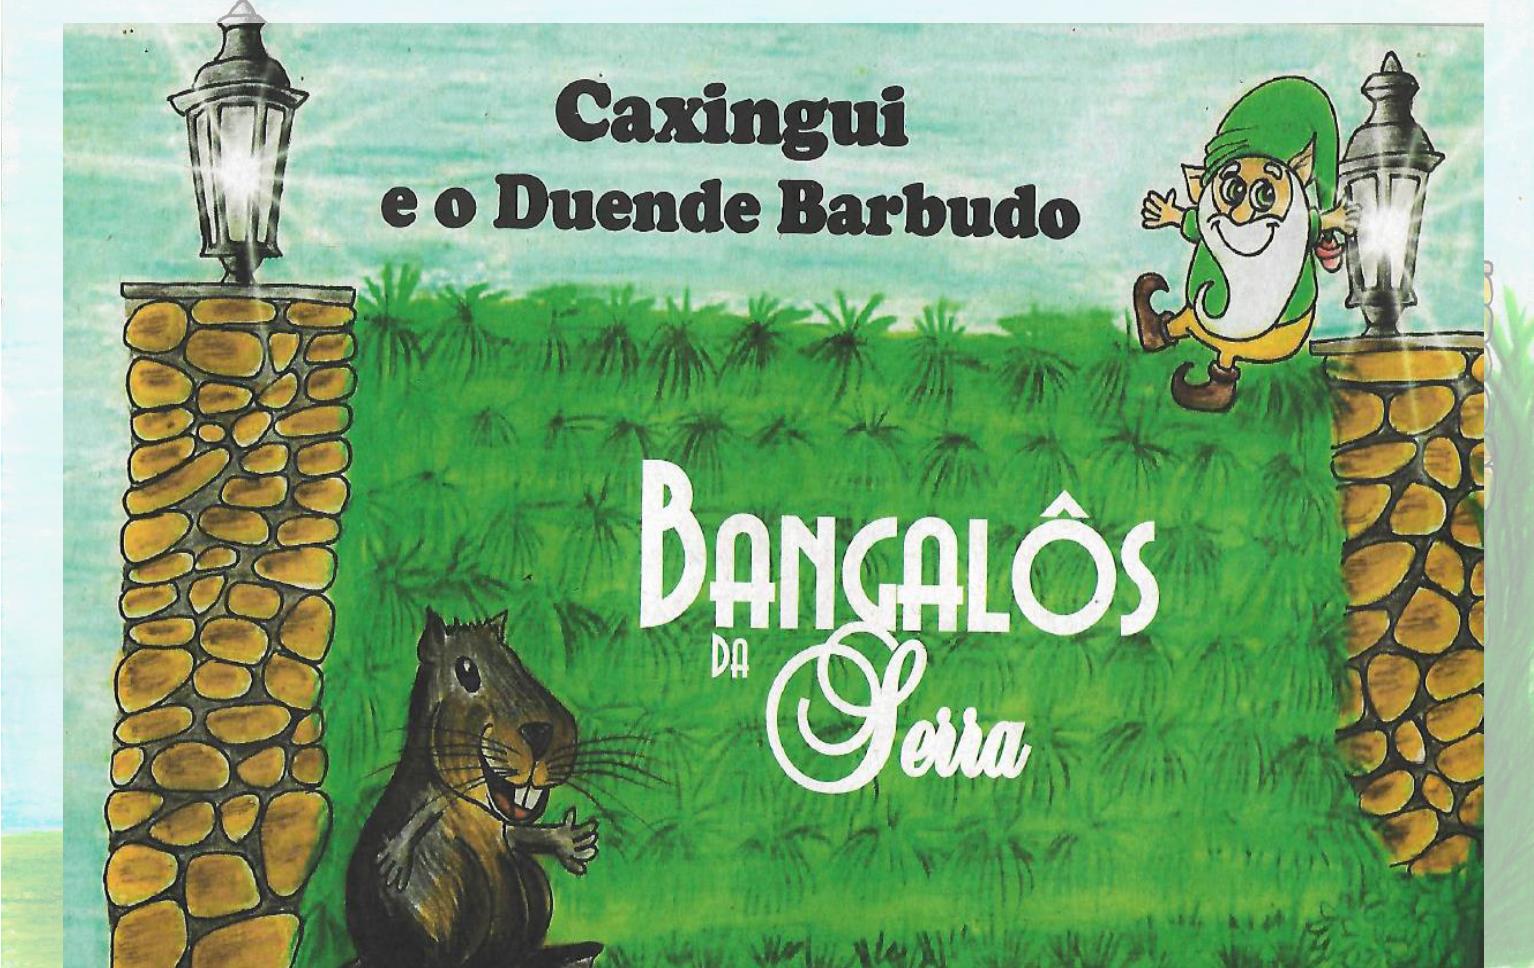 Caxingui e o Duende Barbudo no Hotel Bangalos da Serra de Gramado